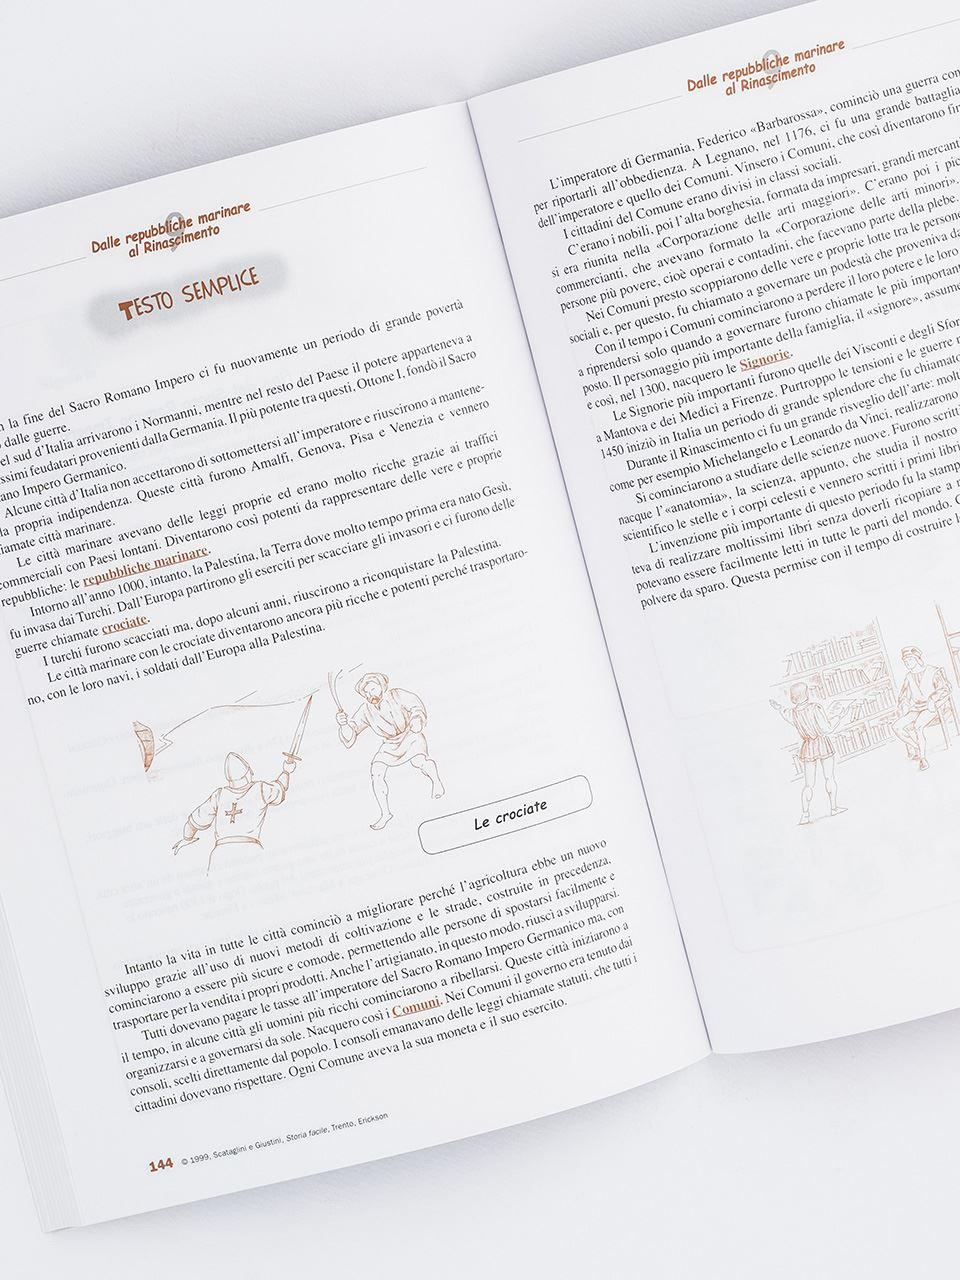 Storia facile - Libri - App e software - Erickson 2